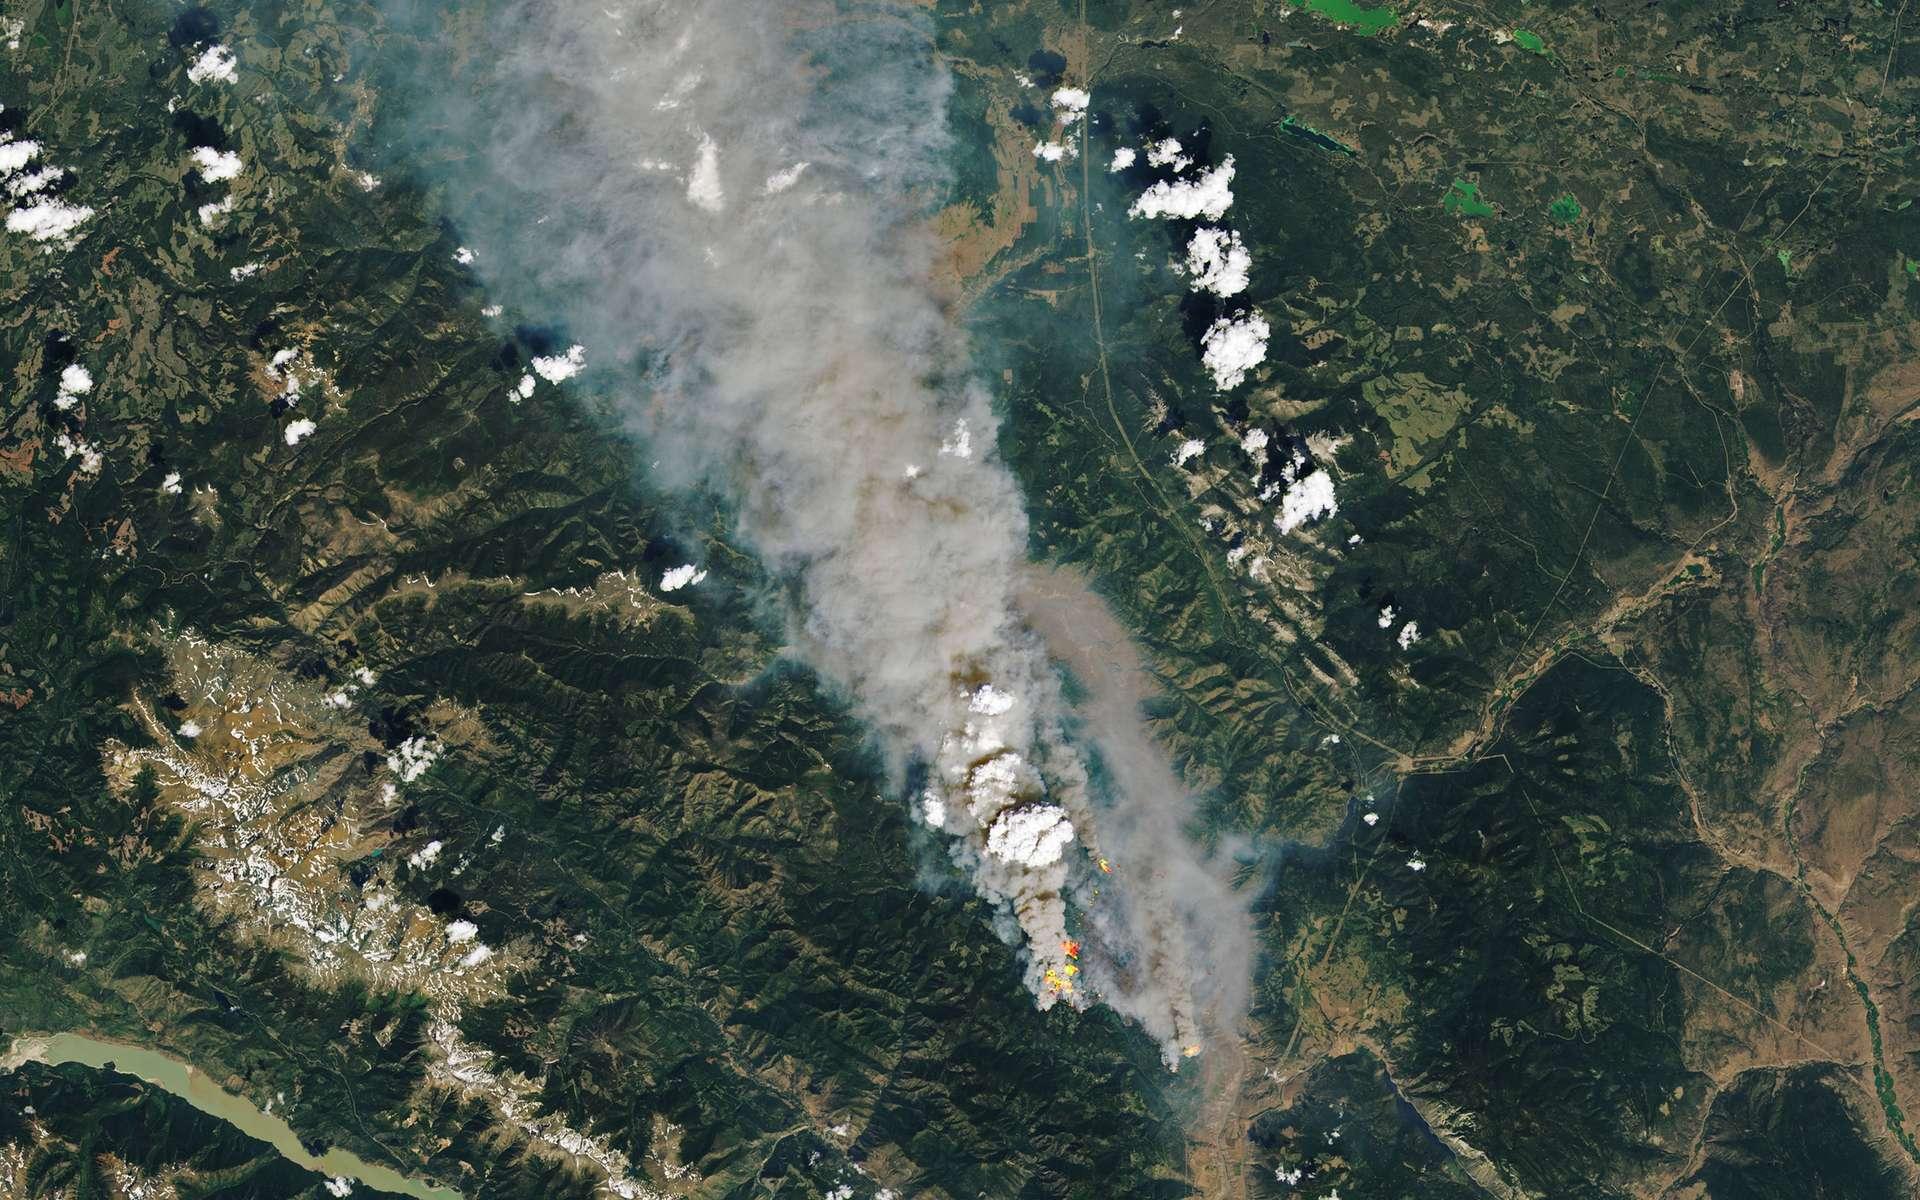 Les scientifiques les avaient prévus. Les effets du réchauffement climatique commencent à se faire durement ressentir un peu partout sur la planète. En photo : les incendies qui font rage à McKay Creek au Canada, photographiés le 30 juin 2021 par le satellite Landsat 8. © Nasa, EarthObservatory